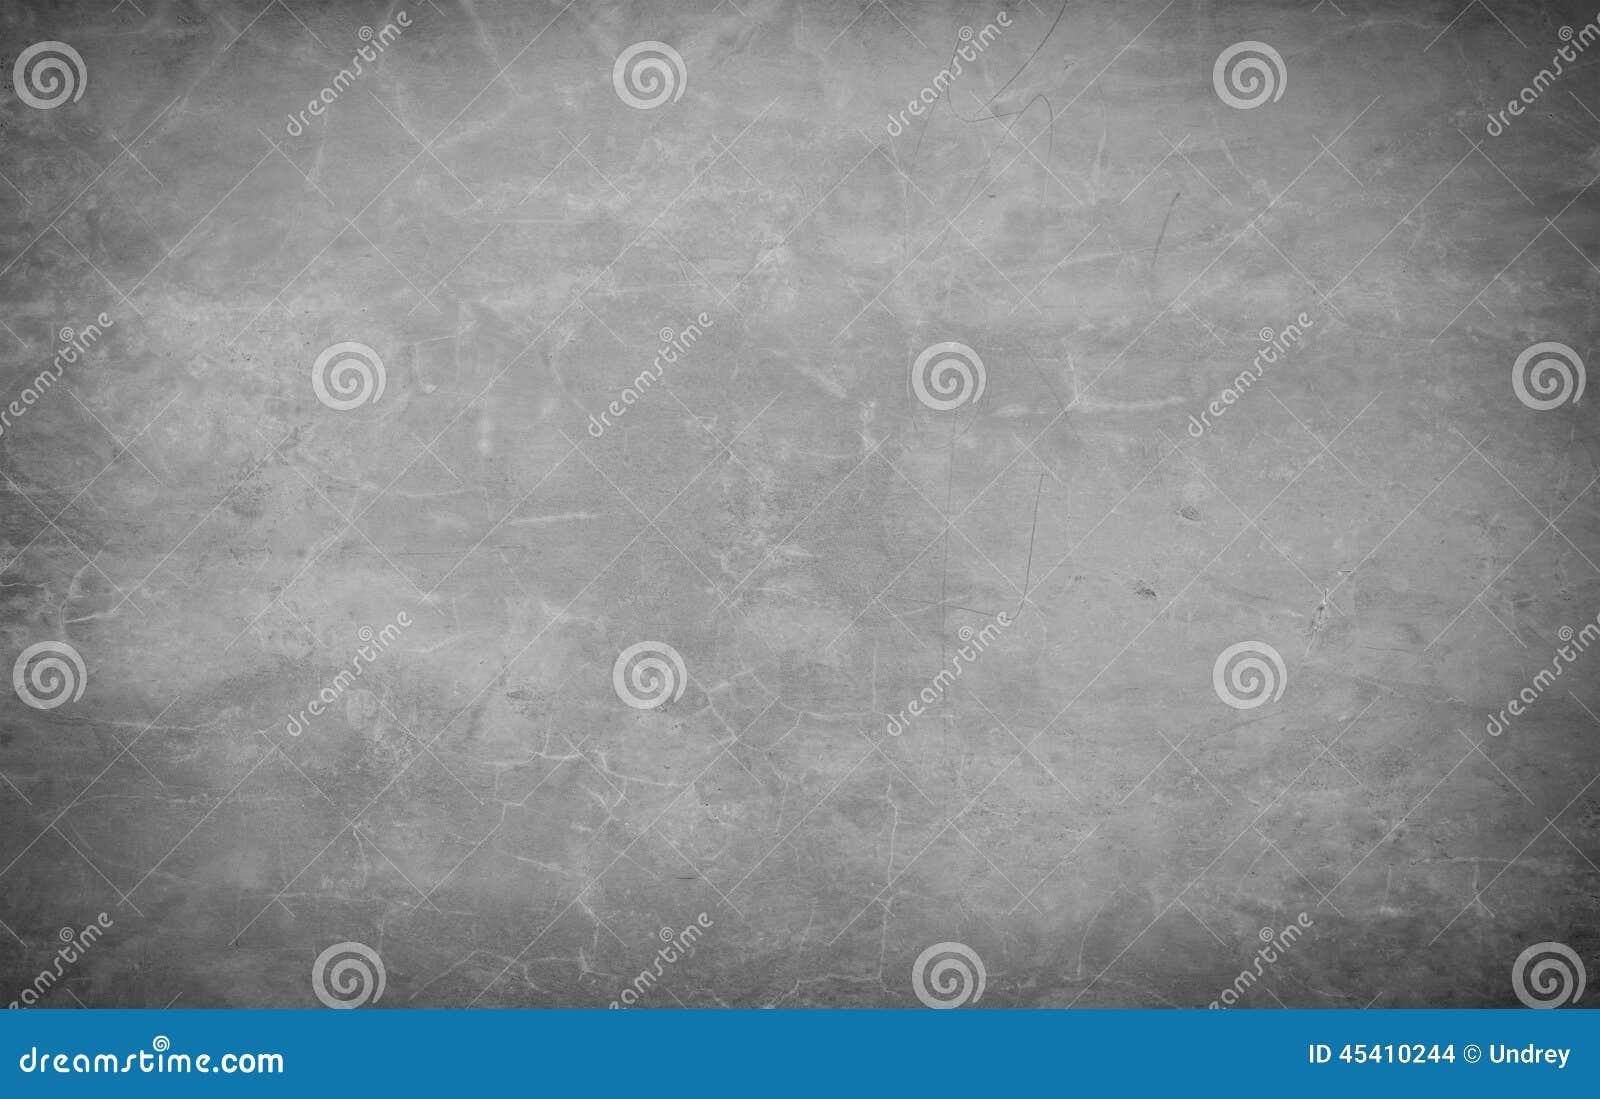 Γκρίζο υπόβαθρο συμπαγών τοίχων πετρών τούβλου τραχύ